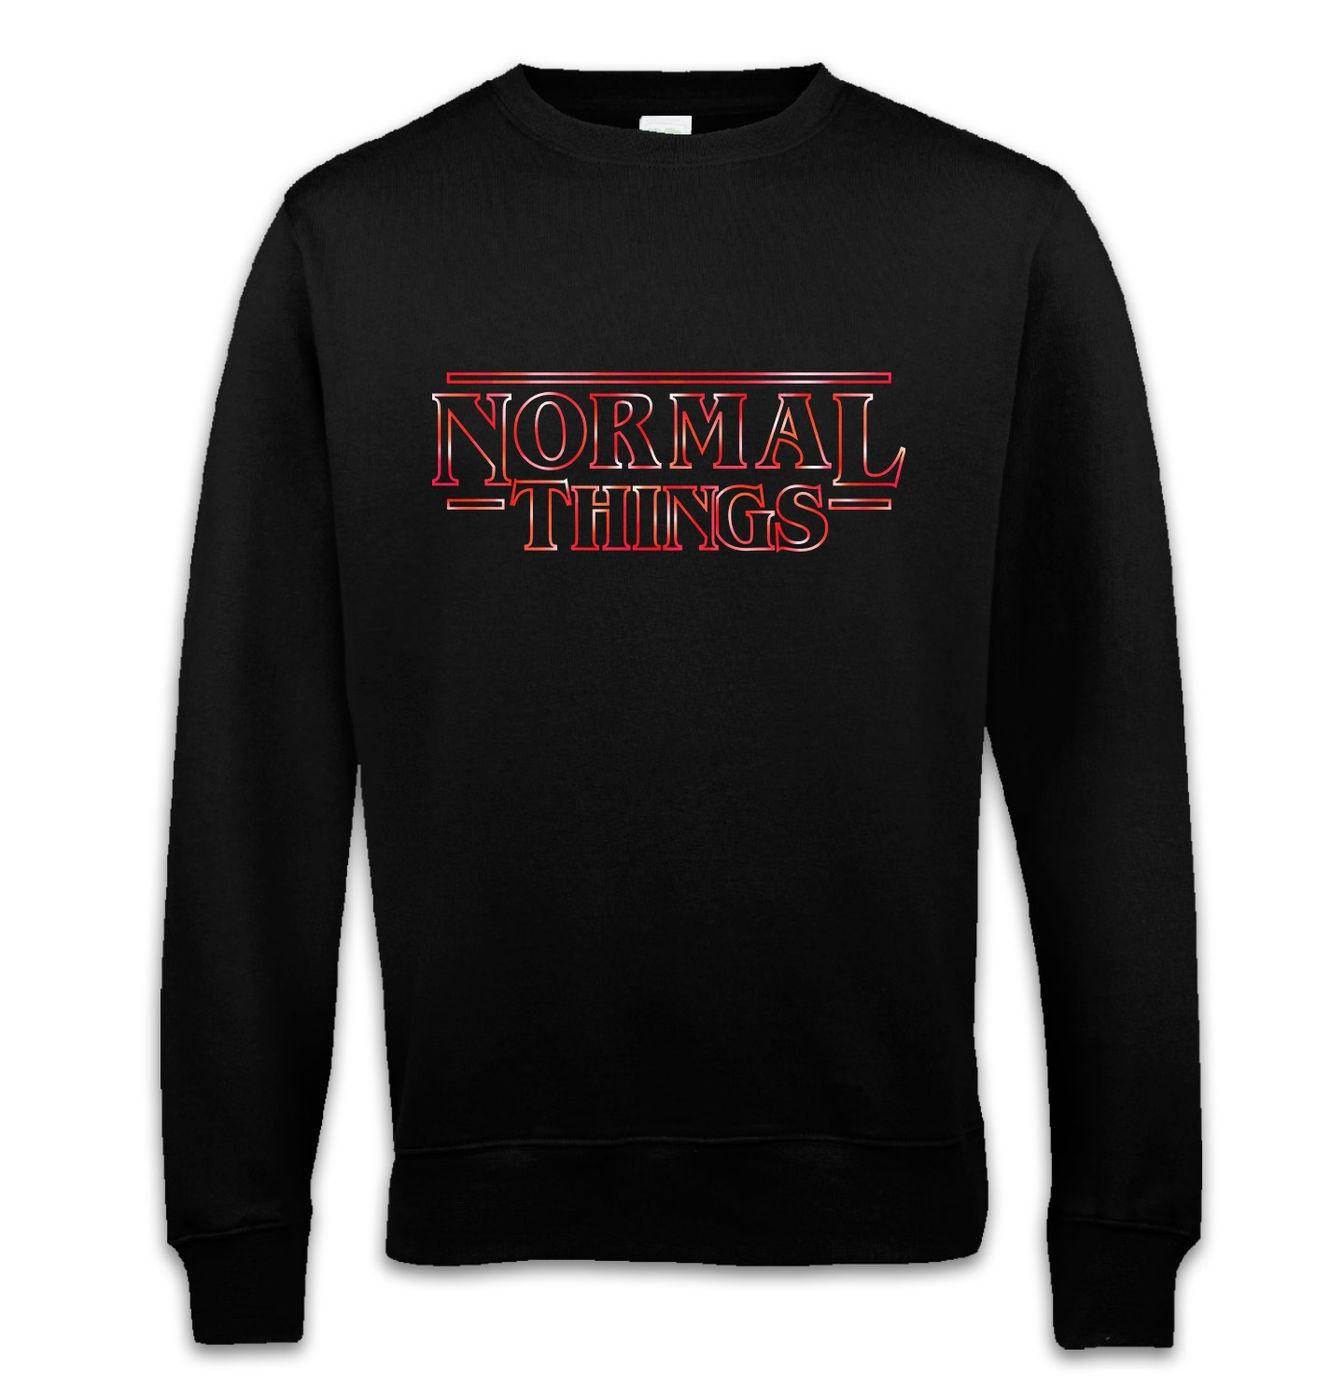 Normal Things sweatshirt by Something Geeky